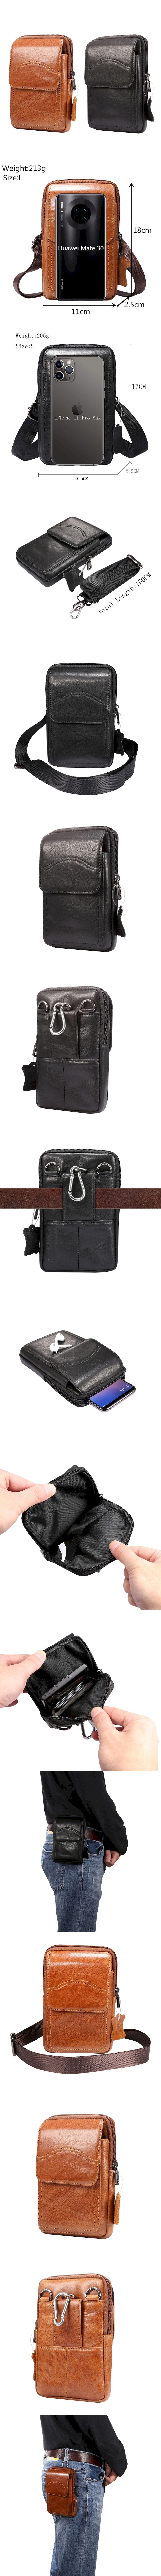 845-直式腰包-頭層牛皮真皮腰包多功能側背手機包大容量可腰掛繫皮帶